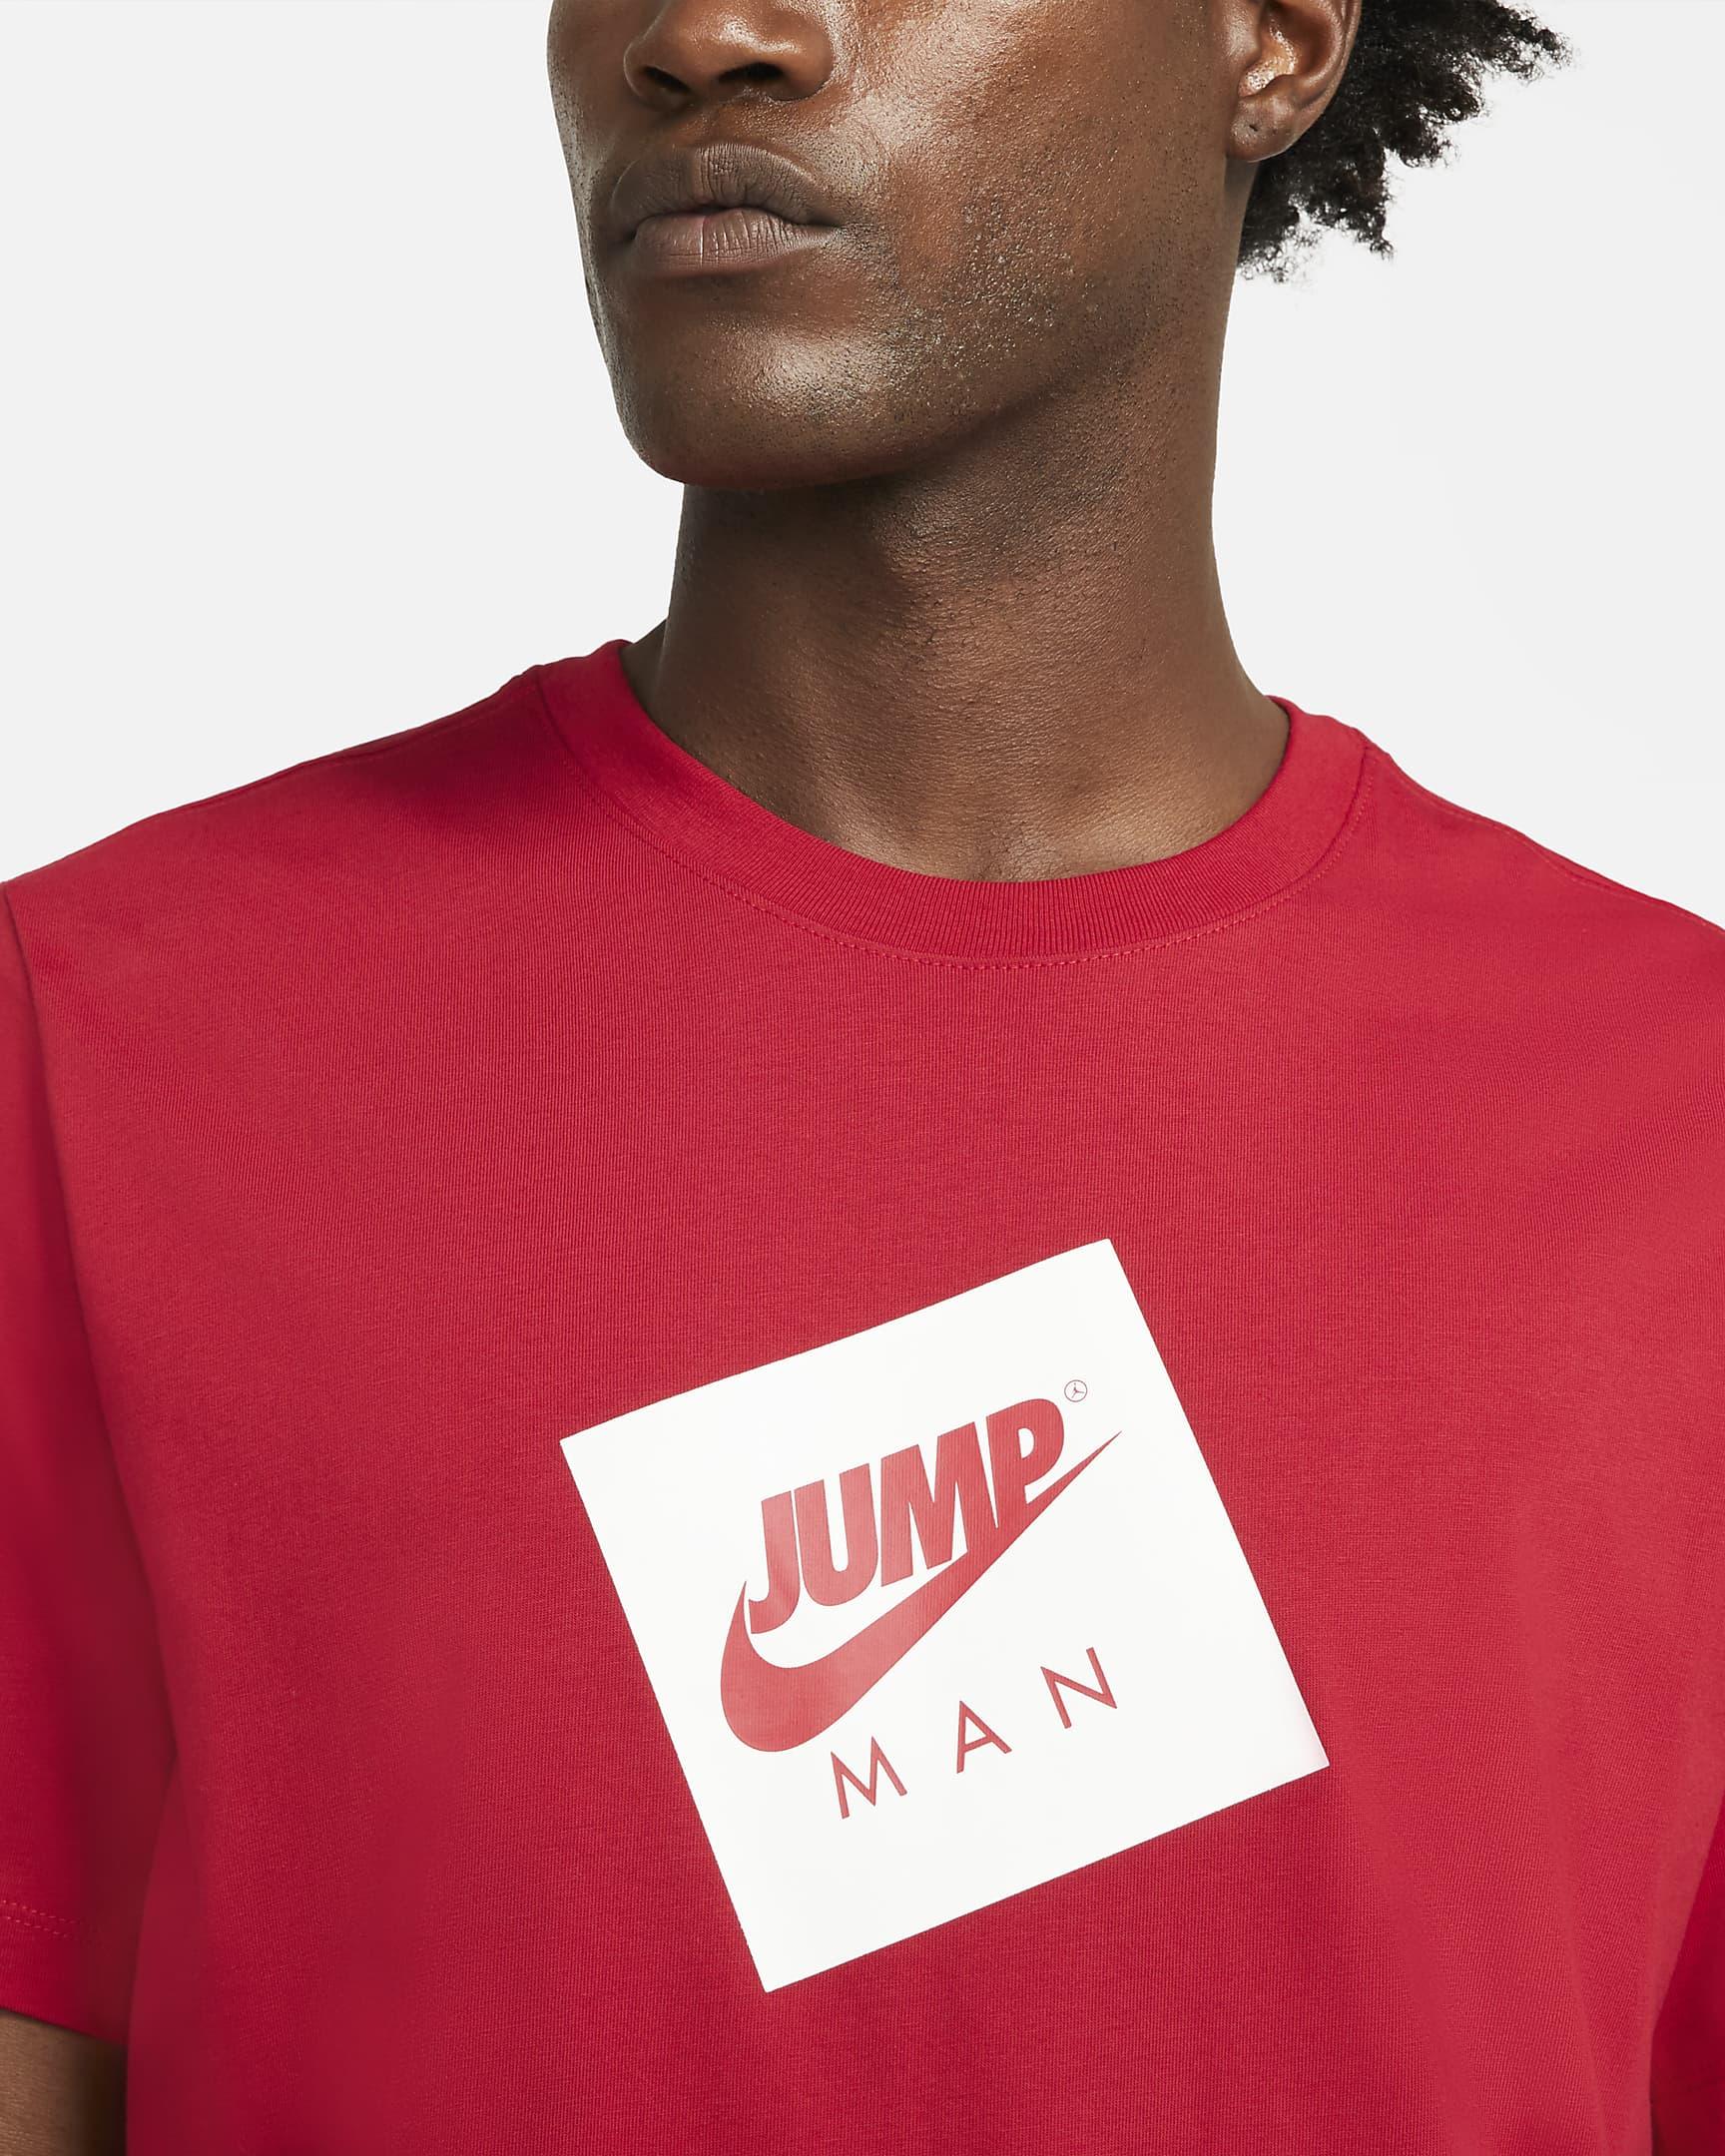 jordan-jumpman-box-mens-short-sleeve-t-shirt-JL094l-2